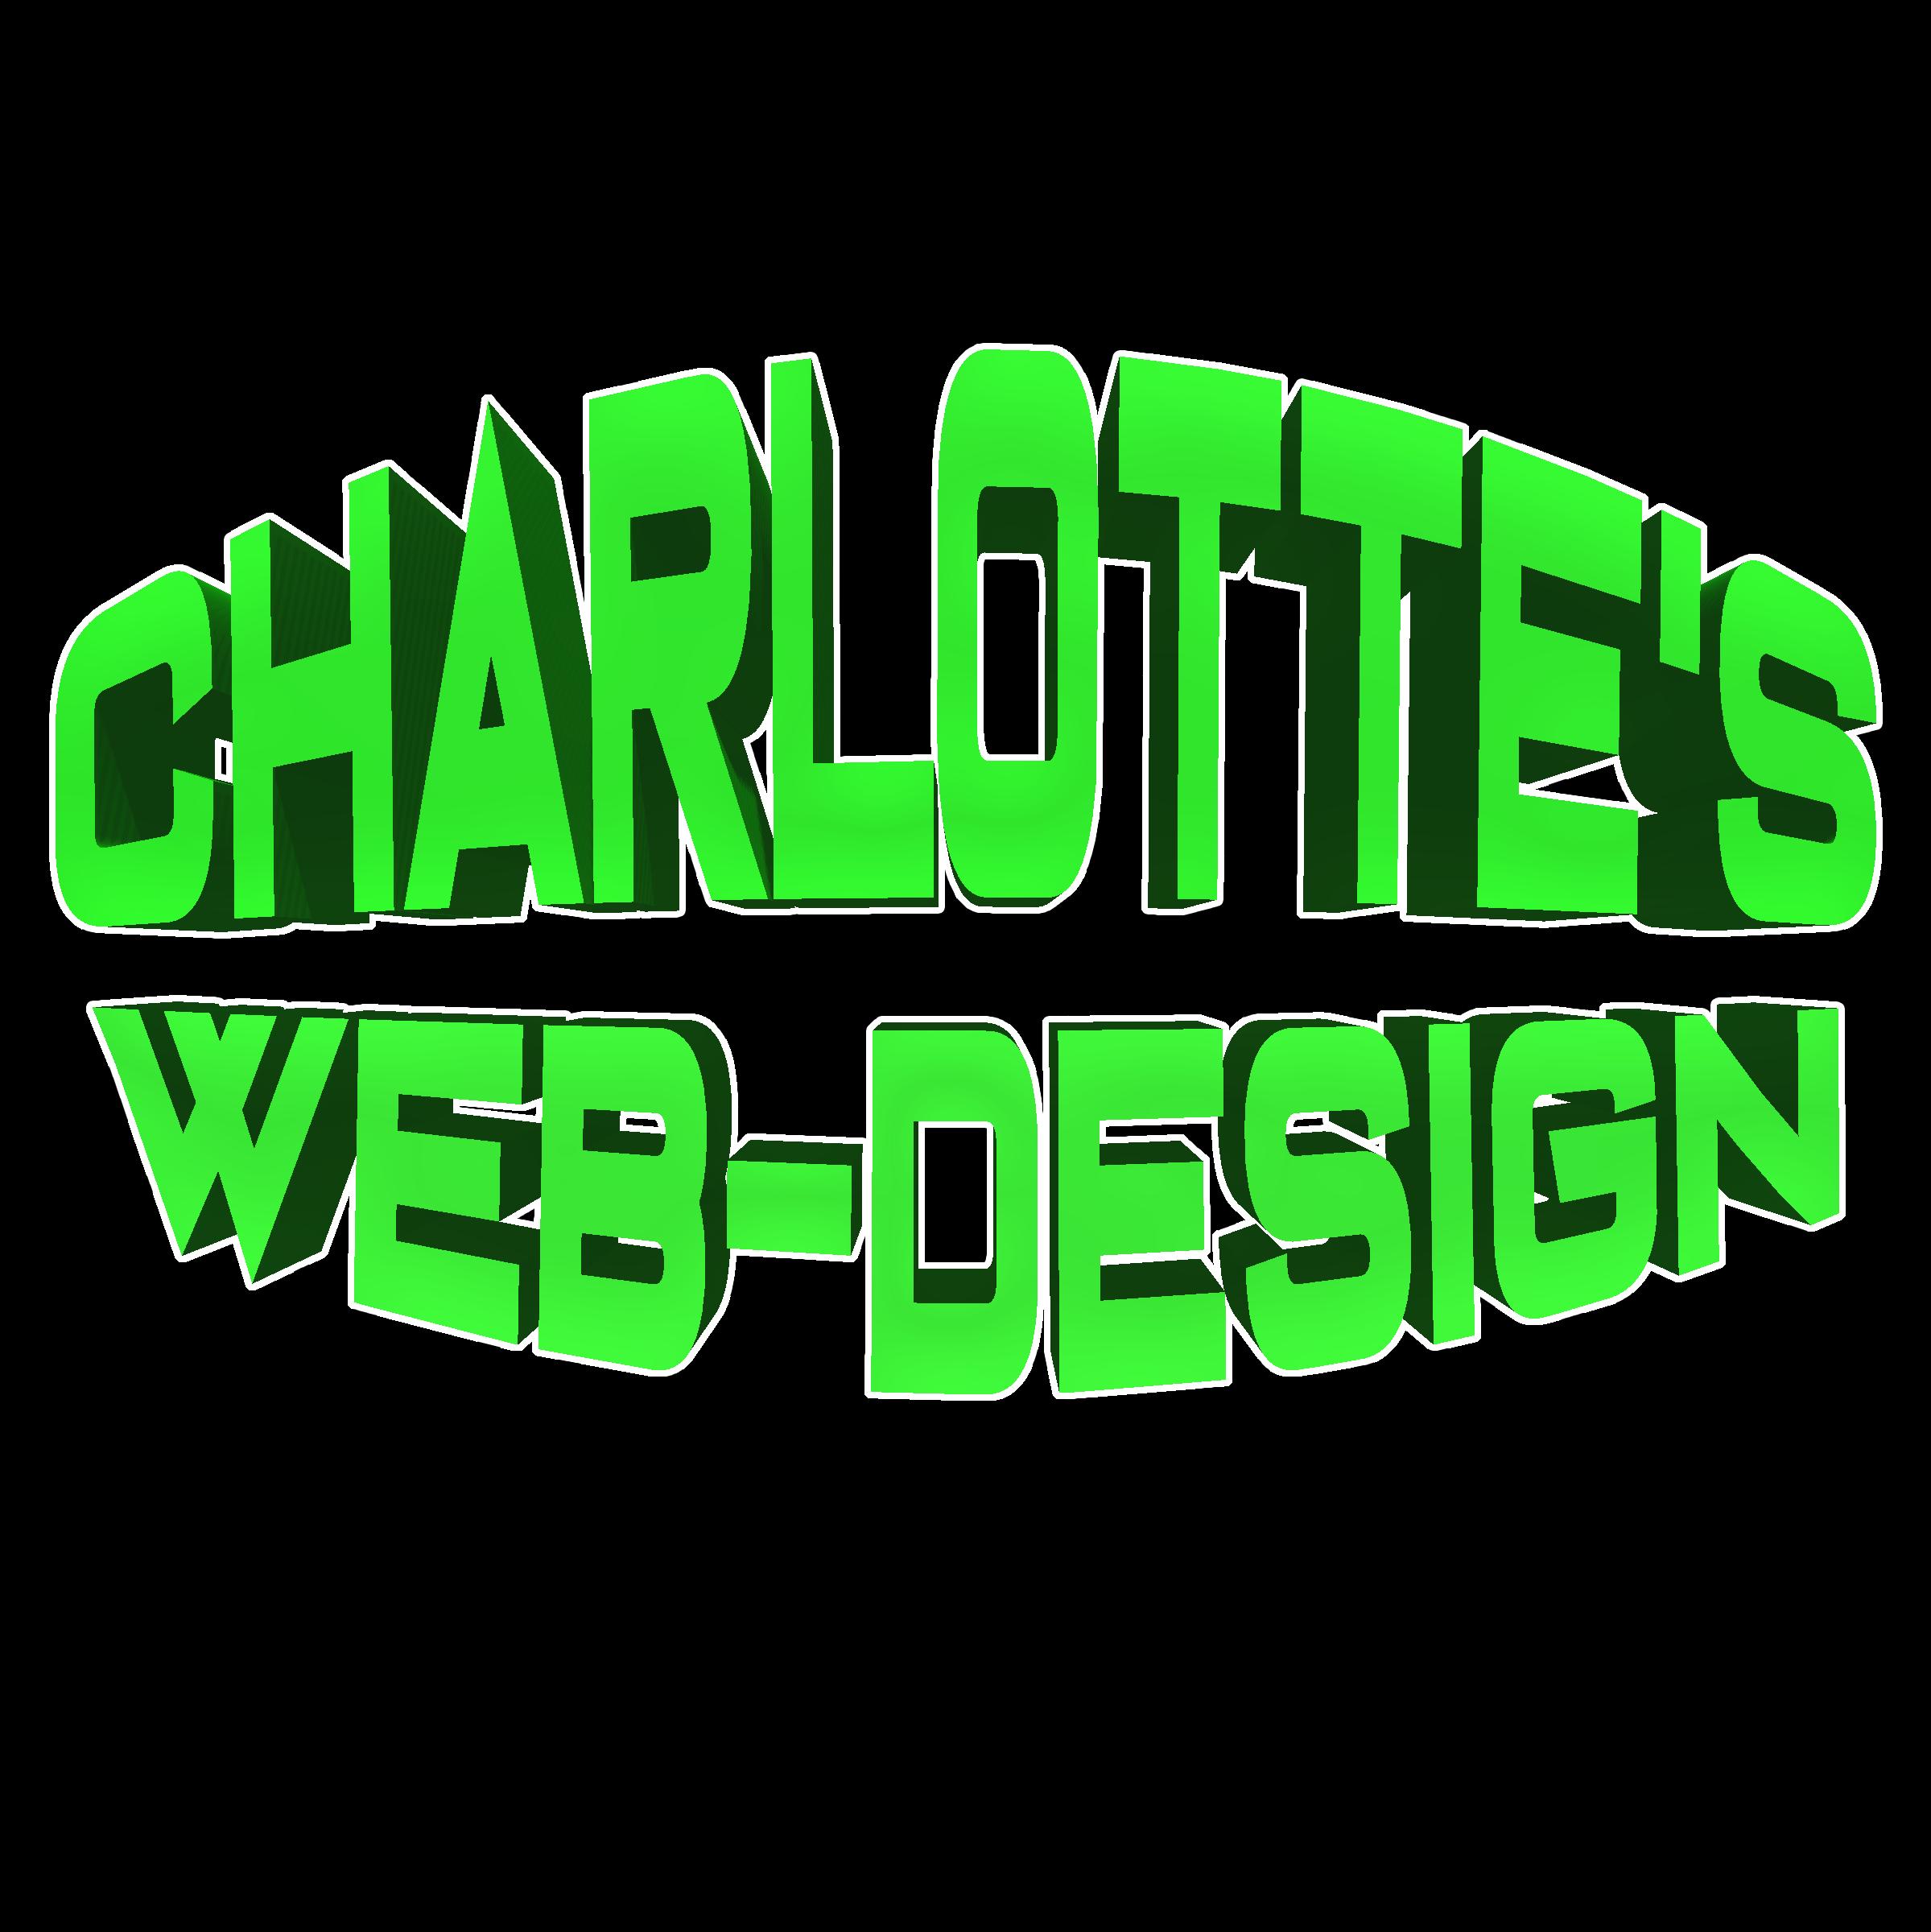 Charlotte's Web Design